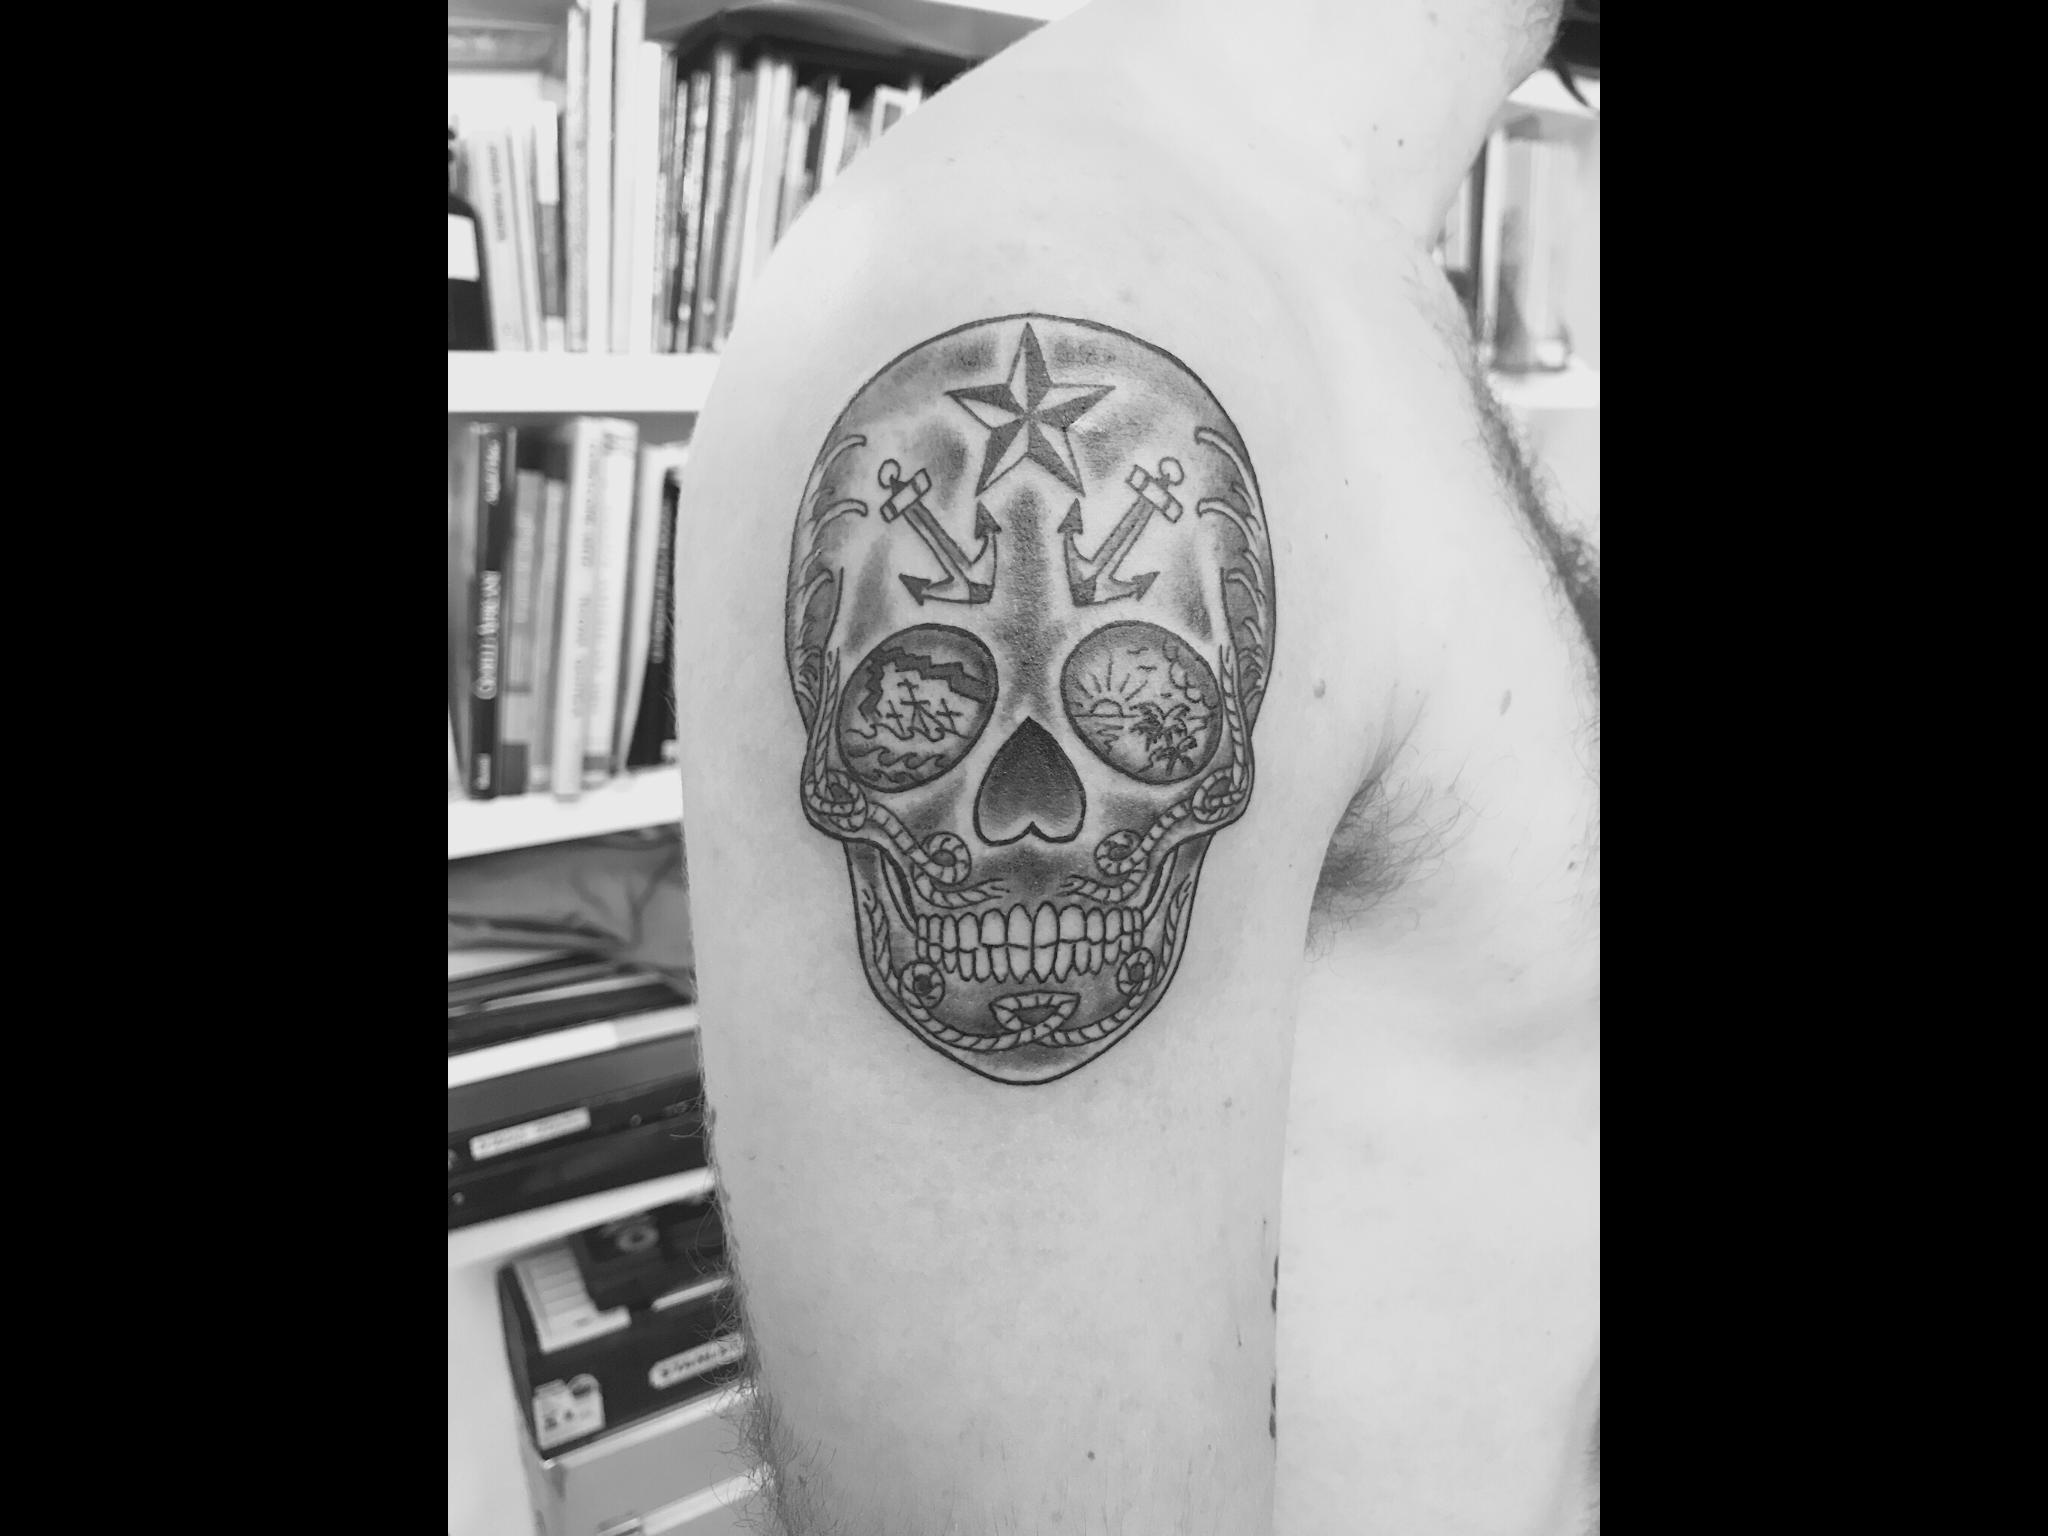 Pmp tattoo parlour by carlo tattootattoostattooinkink loveink